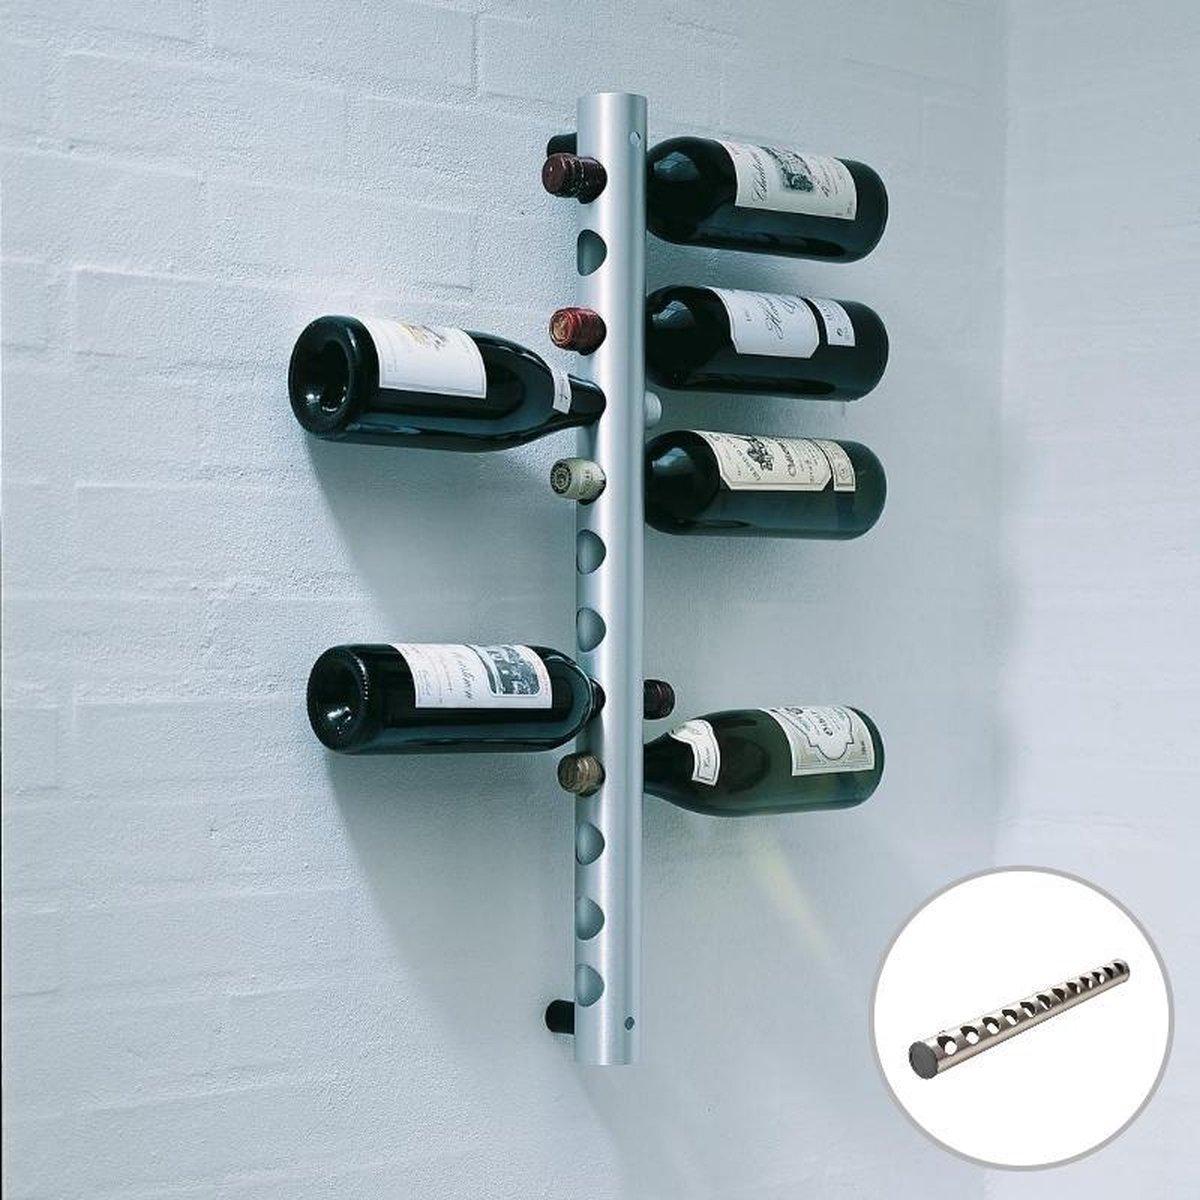 Wijnrek 12 Flessen   Flessenrek   Wijn Accessoires   Wijnkast   Wijnrek Metaal   Wijnrekken   Wijnfleshouder   Wijnhouder